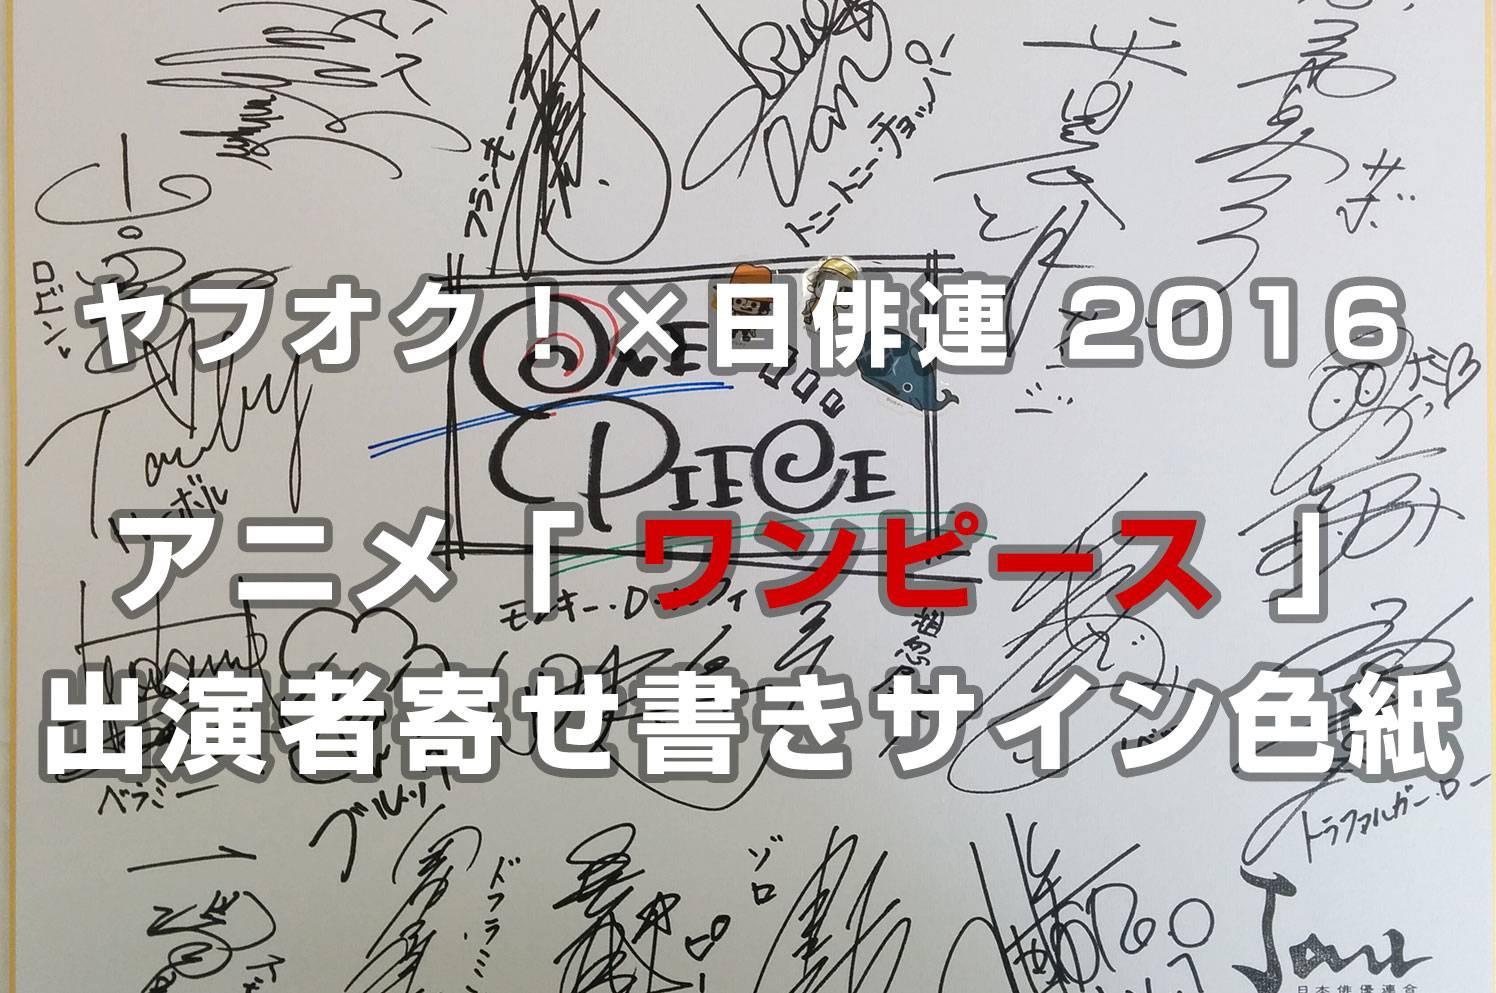 ヤフオク!×日俳連 アニメ「 #ワンピース 」出演者寄せ書きサイン色紙